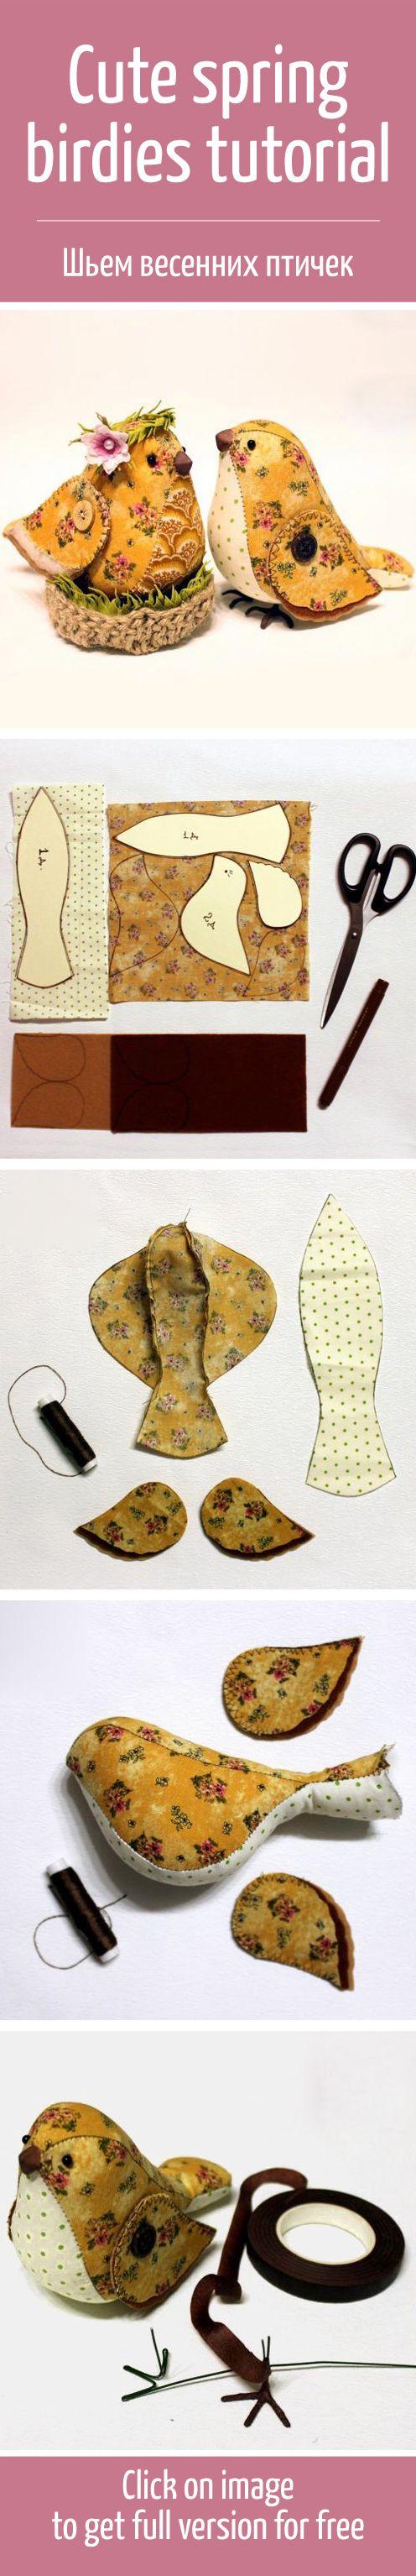 Начинаем готовить весенние сувениры и шьем милых птичек / Cute spring birdies tutorial #handmade #art #design: